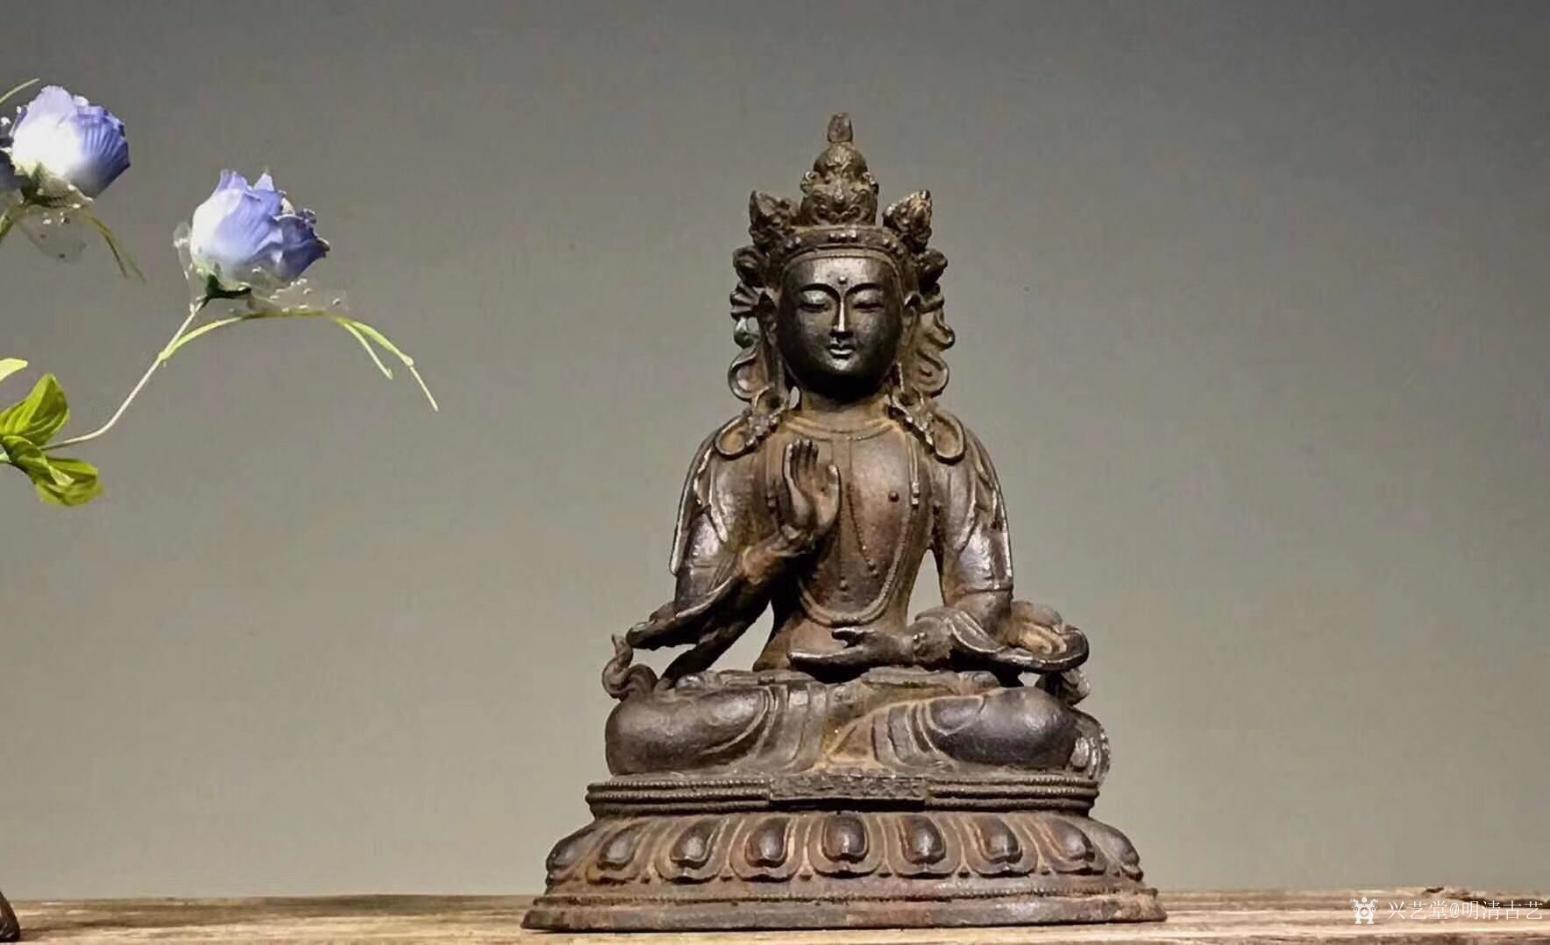 明清古艺雕刻作品《佛像菩萨盘坐》